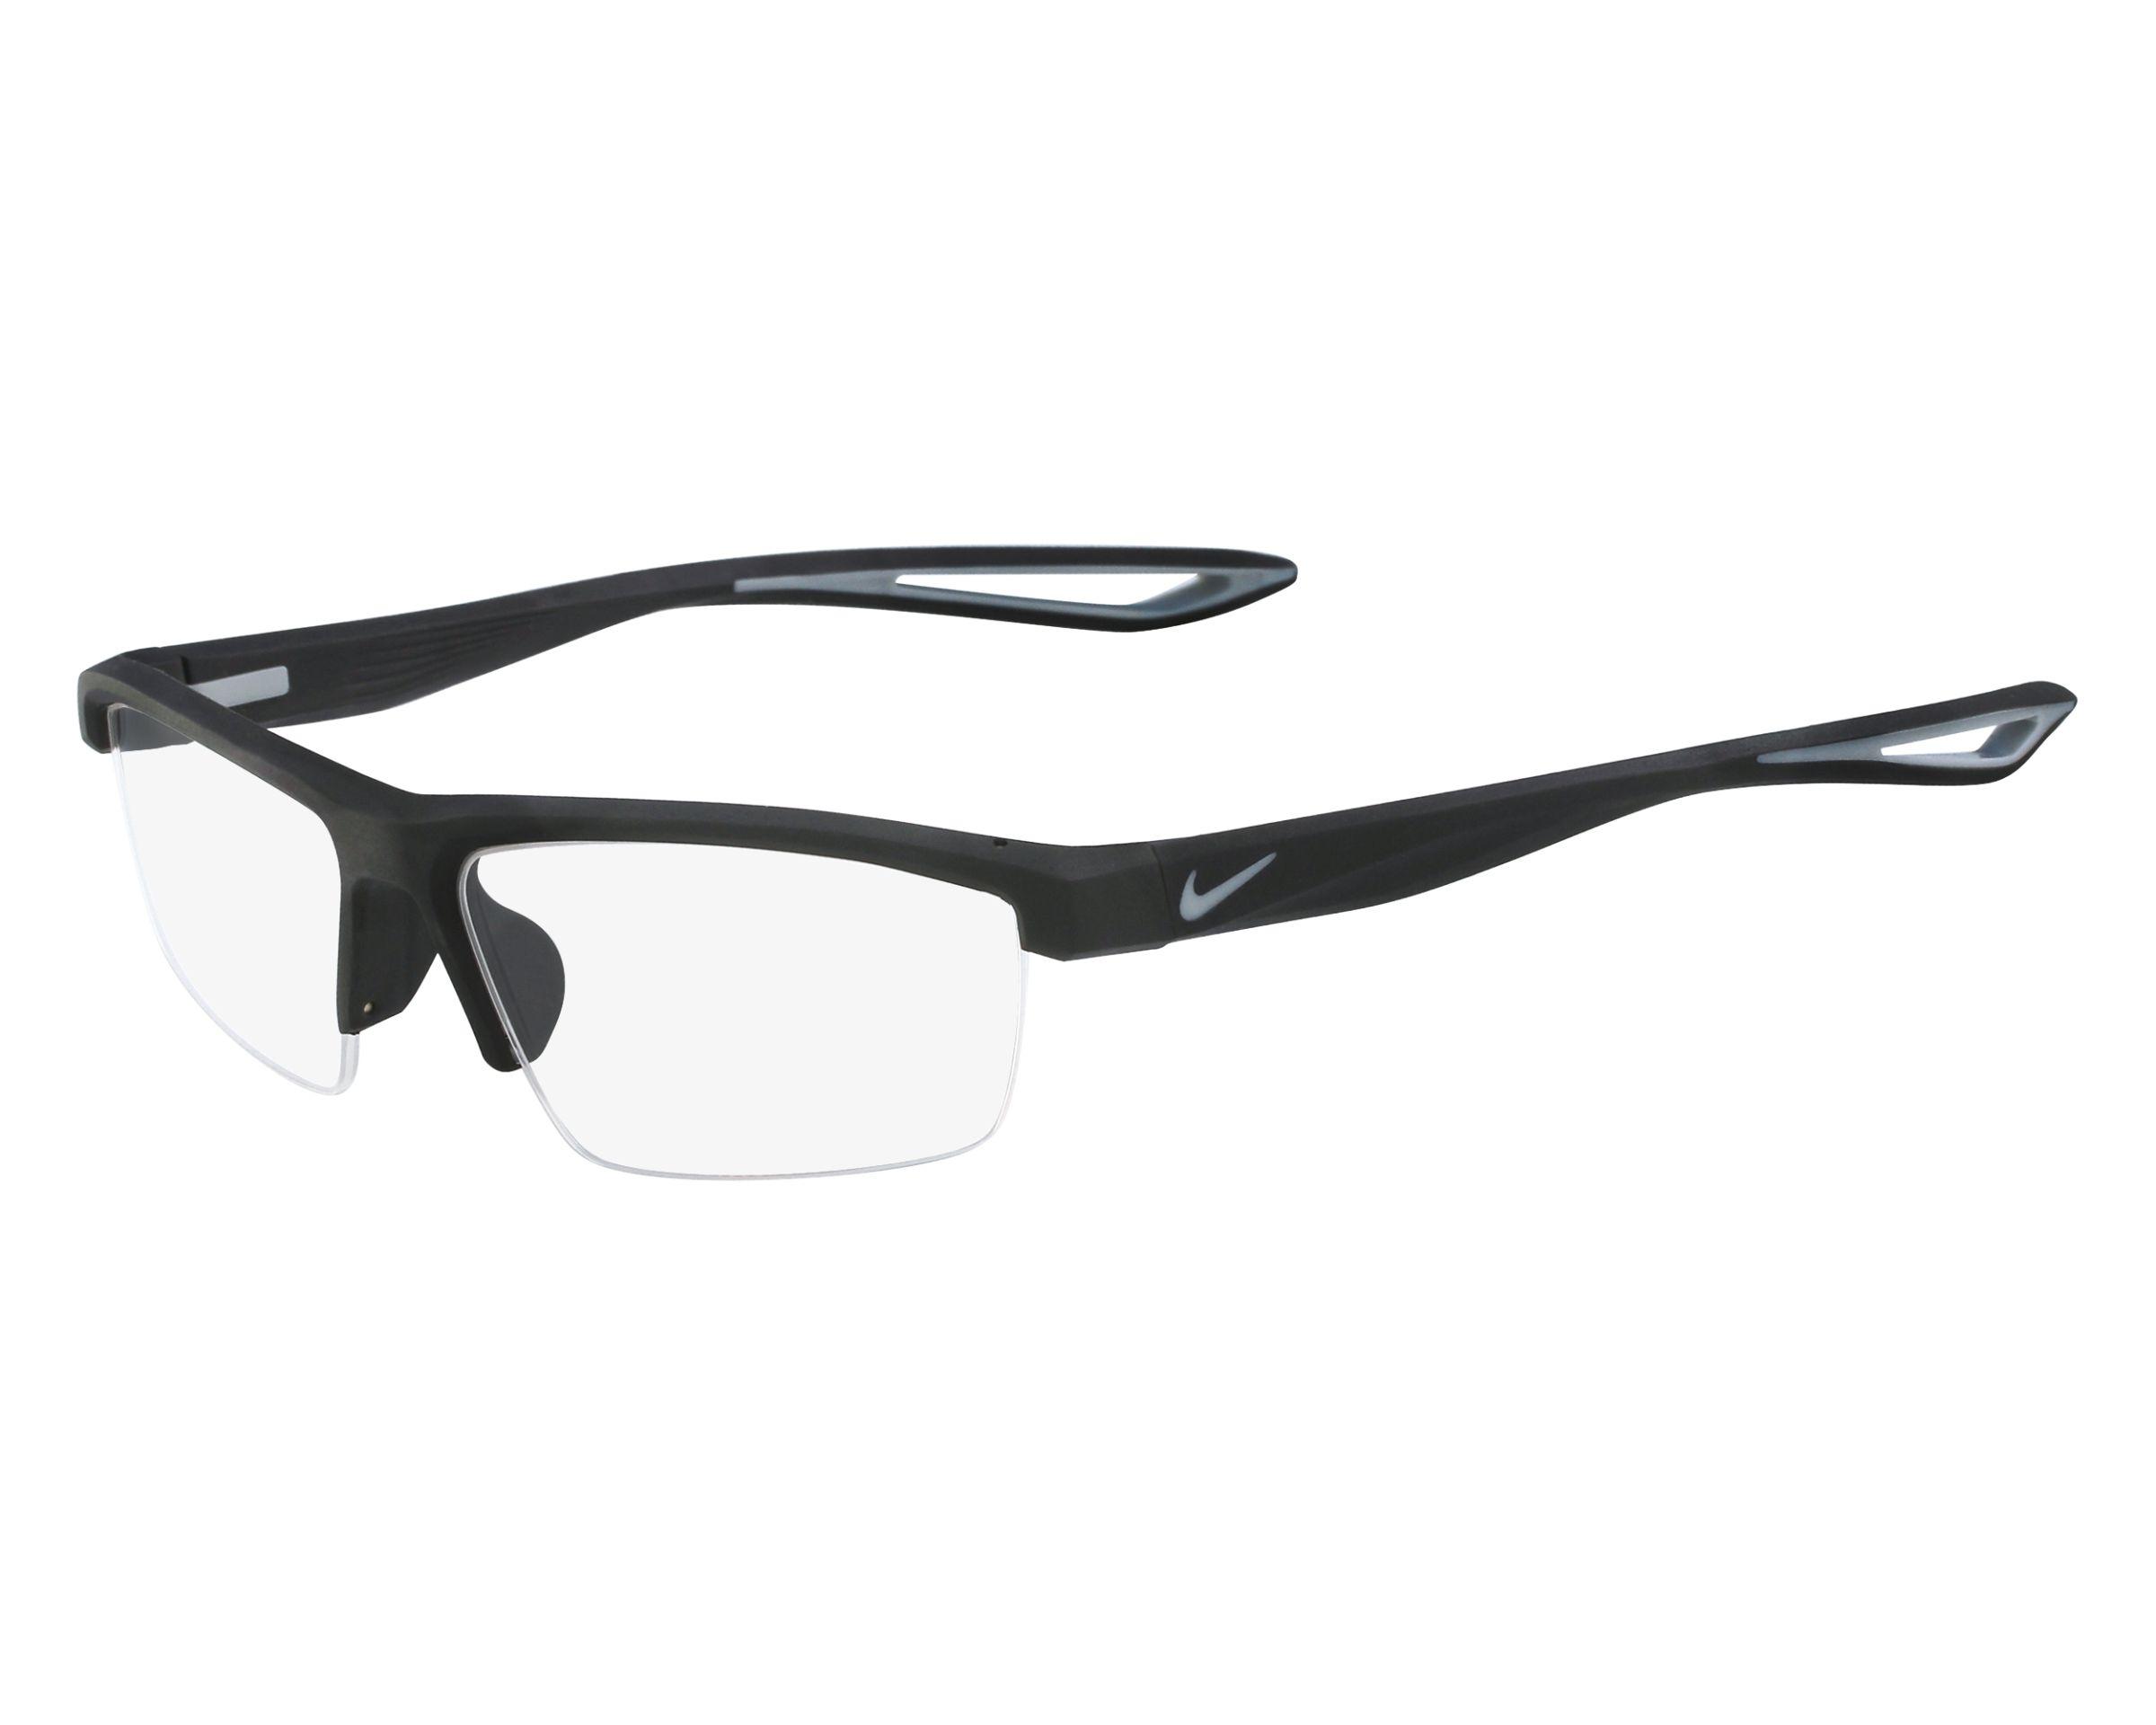 Lunettes de vue Nike 7079 001 57-15 Noir Gris vue de face 43ae6e533237